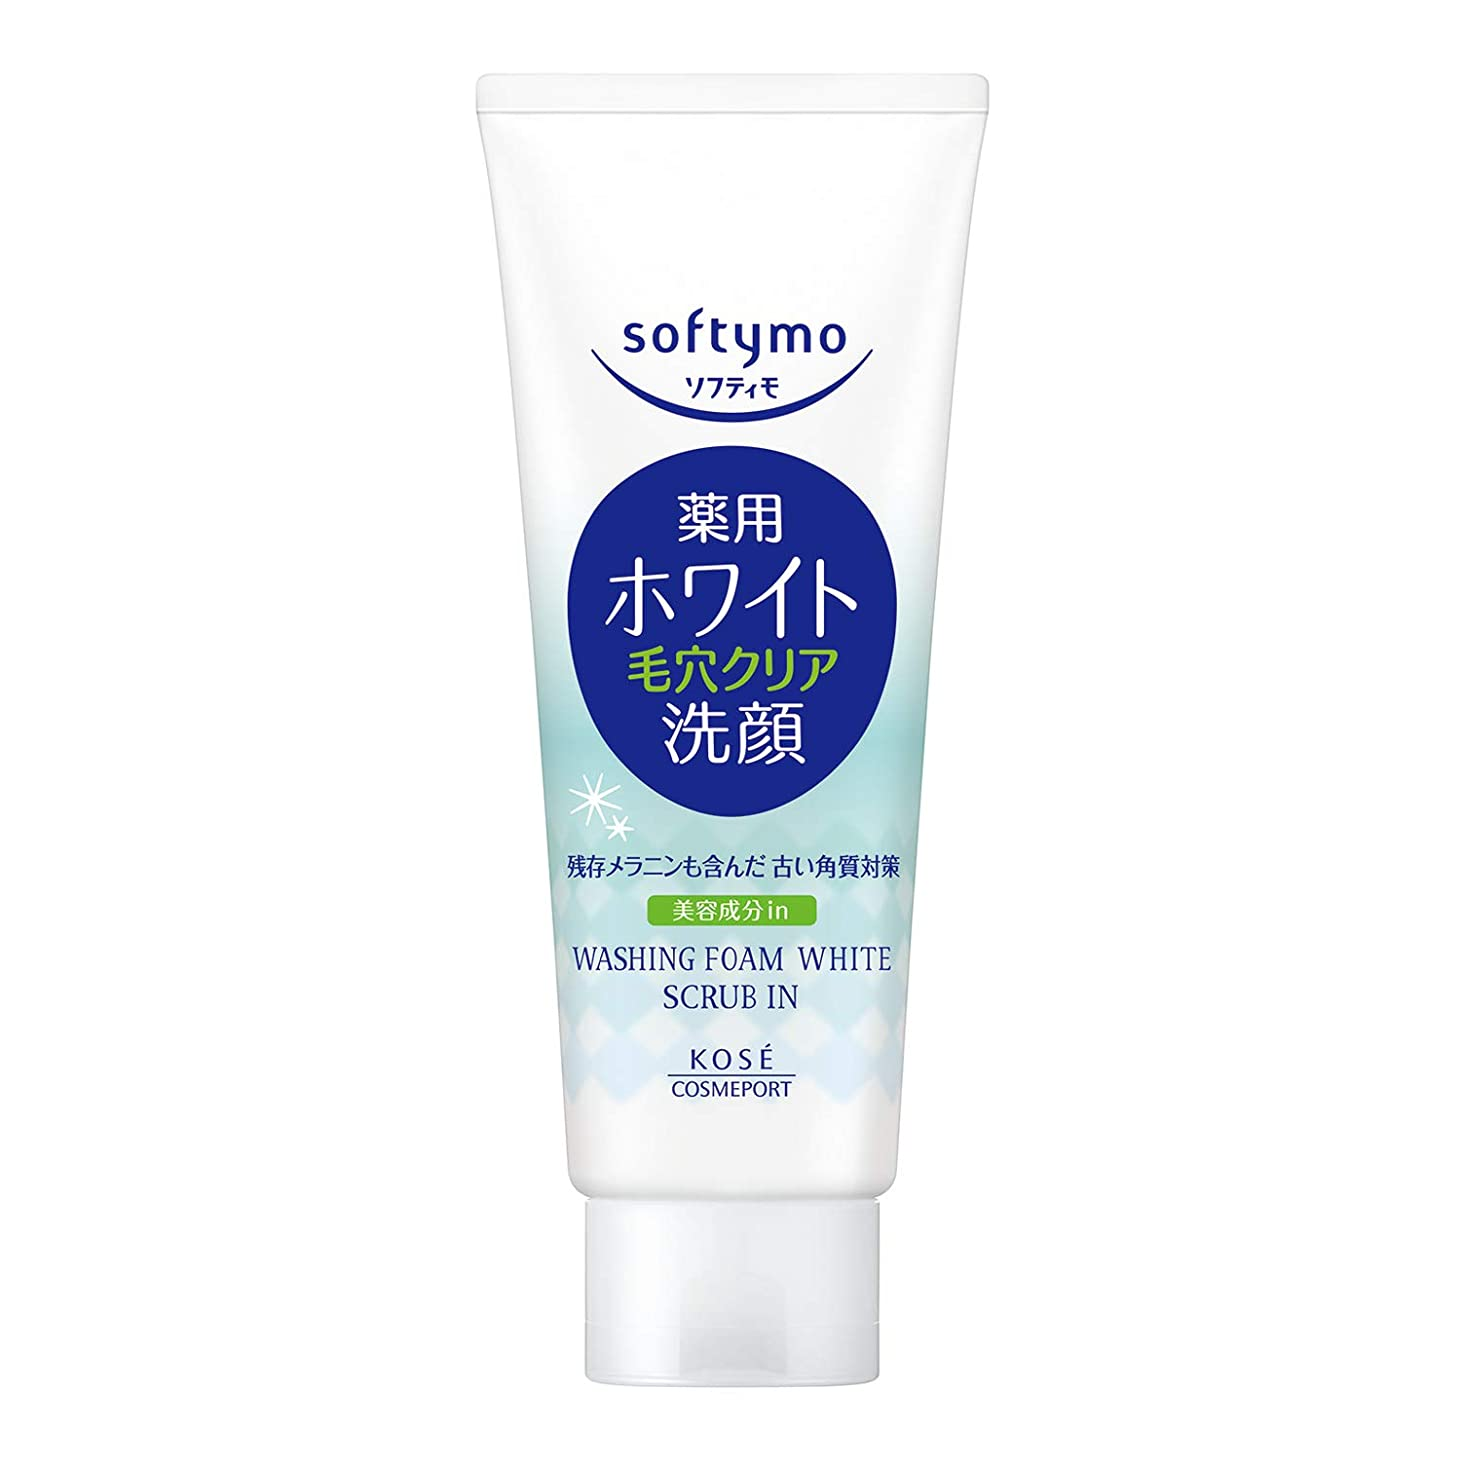 応じる嘆願湿度KOSE ソフティモ 薬用洗顔フォーム(ホワイト)スクラブイン【医薬部外品】